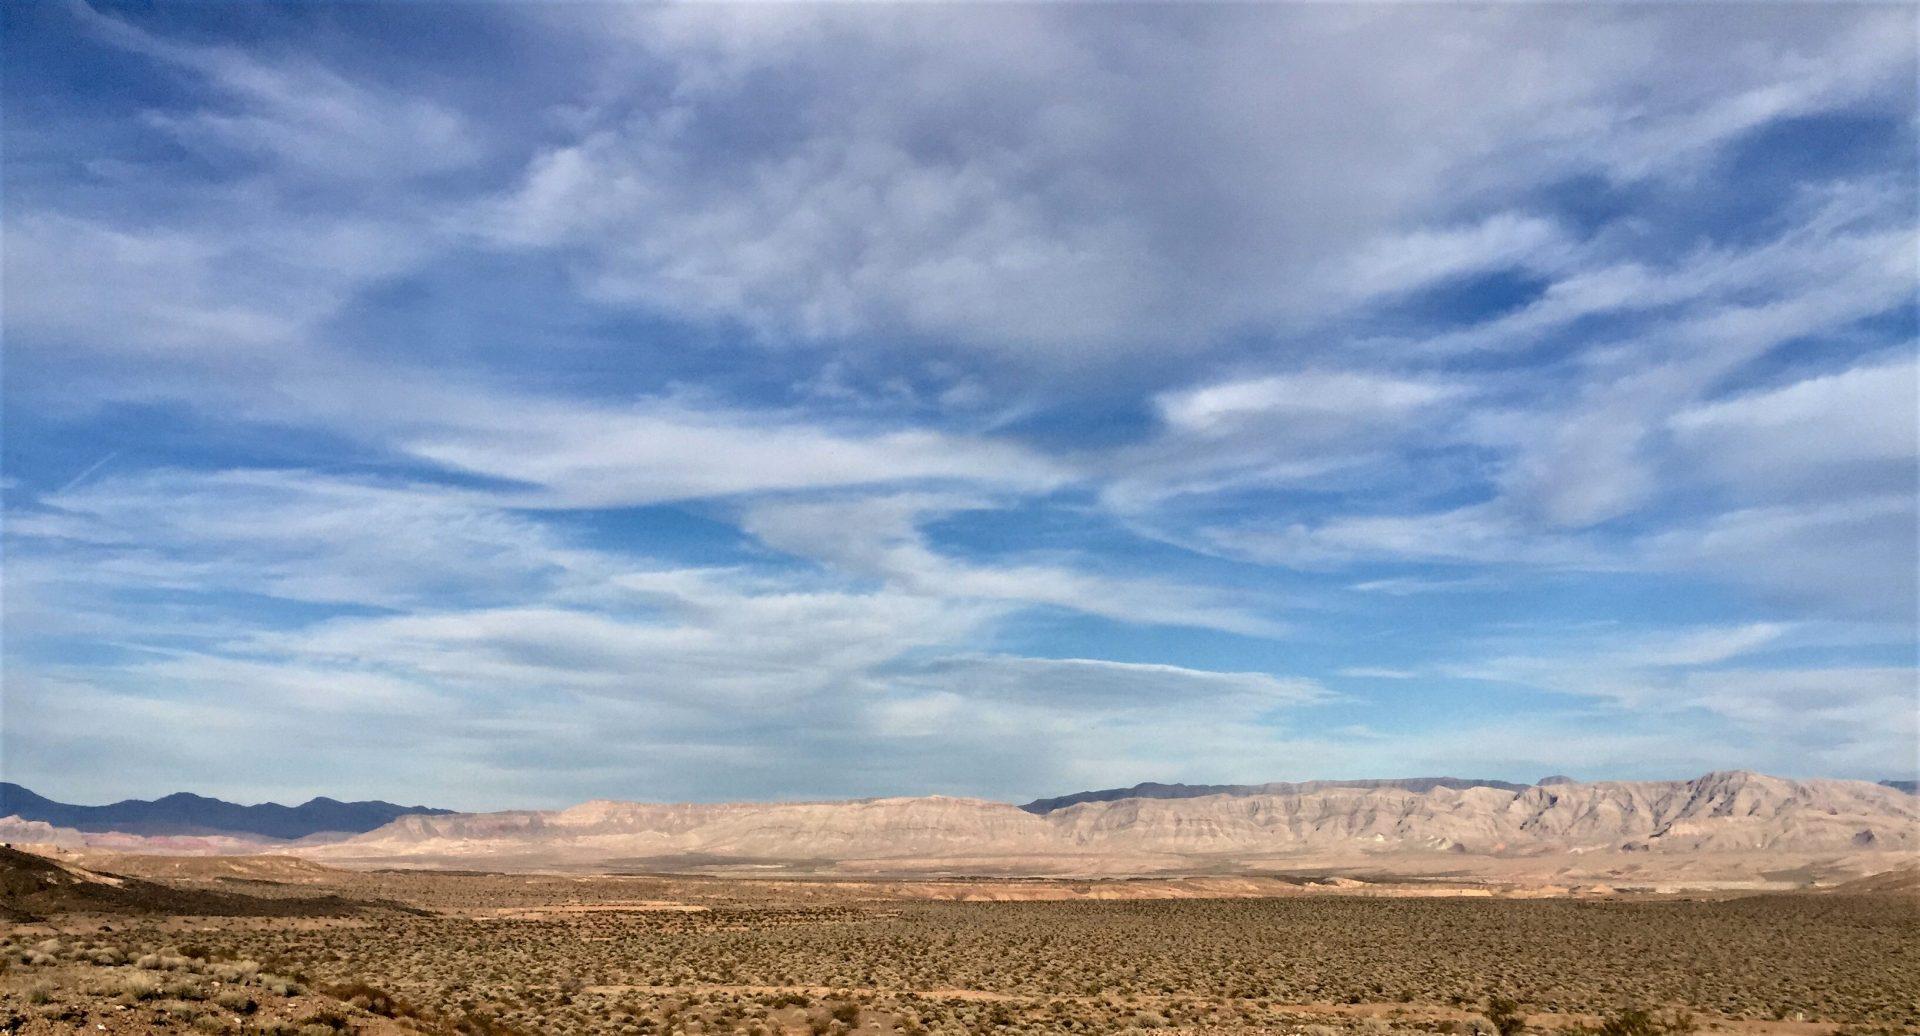 Nevada Part 4 (April 5 to 6) & Summary